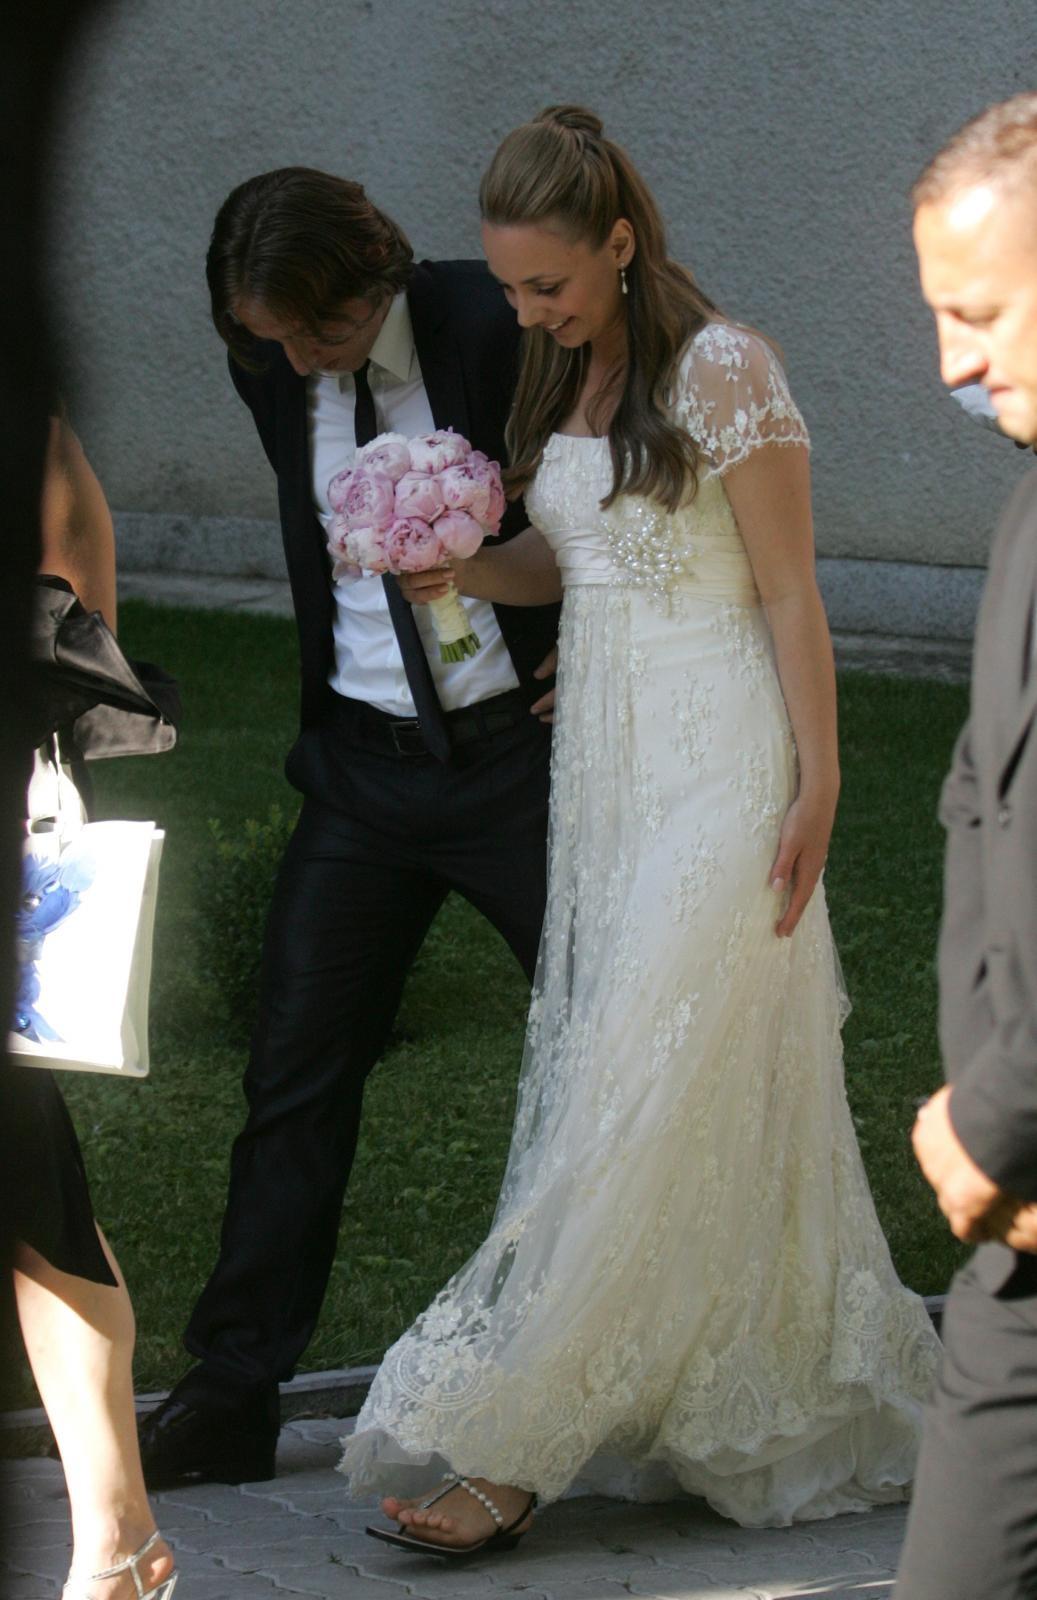 11.06.2011.,Zagreb - Luka i Vanja Modric vjencali su se u  crkvi Gospe Lurdske Photo: Robert Anic/PIXSELL